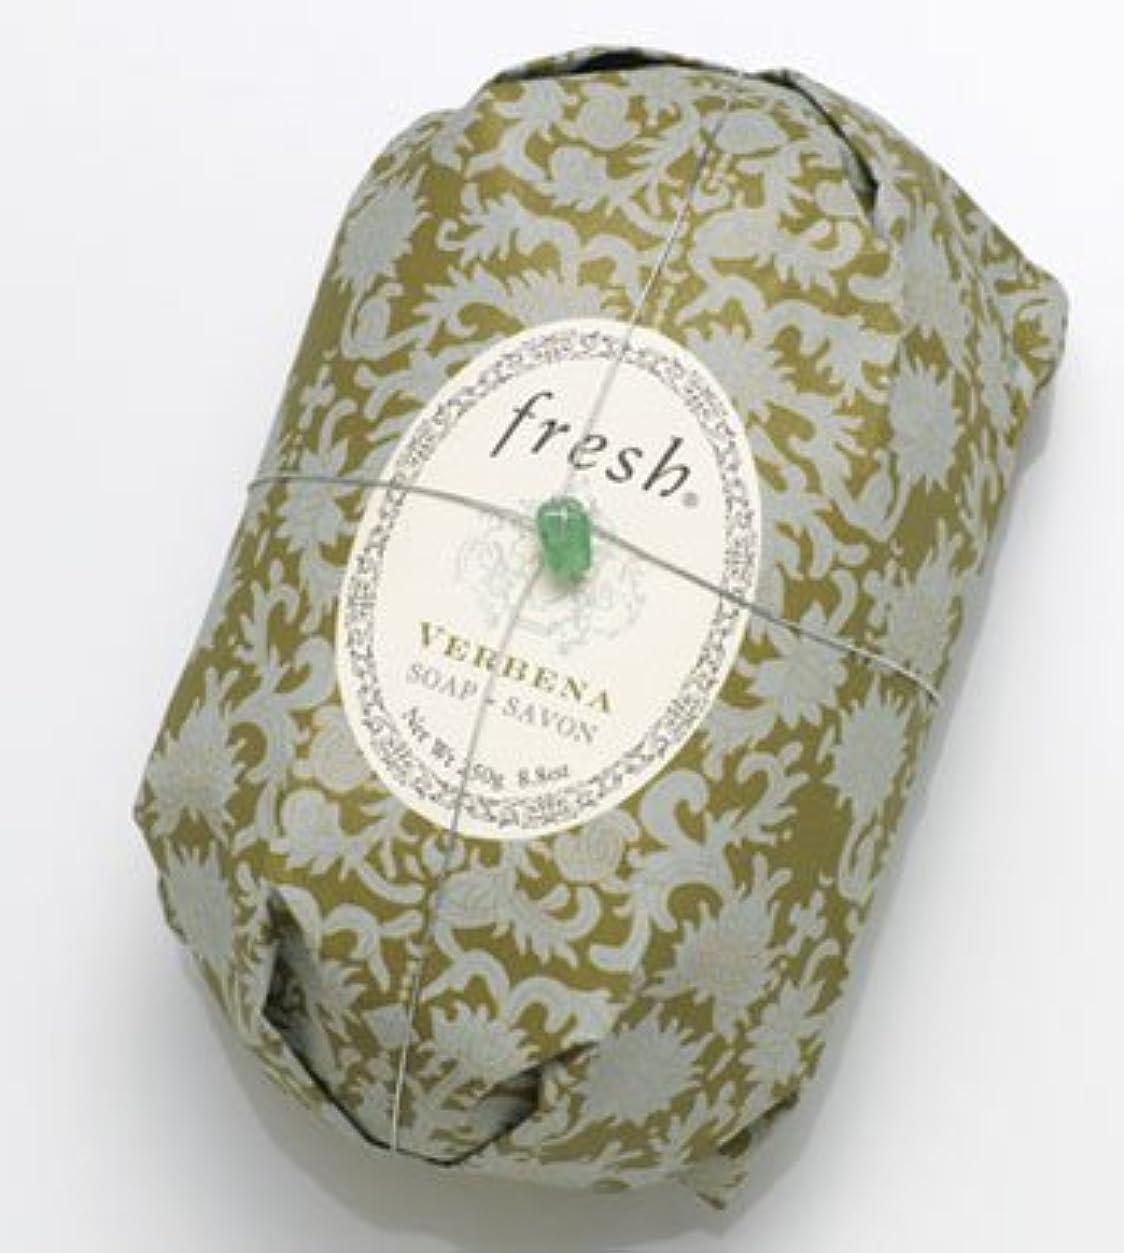 コテージチューブ一般的なFresh VERBENA SOAP (フレッシュ バーベナ ソープ) 8.8 oz (250g) Soap (石鹸) by Fresh